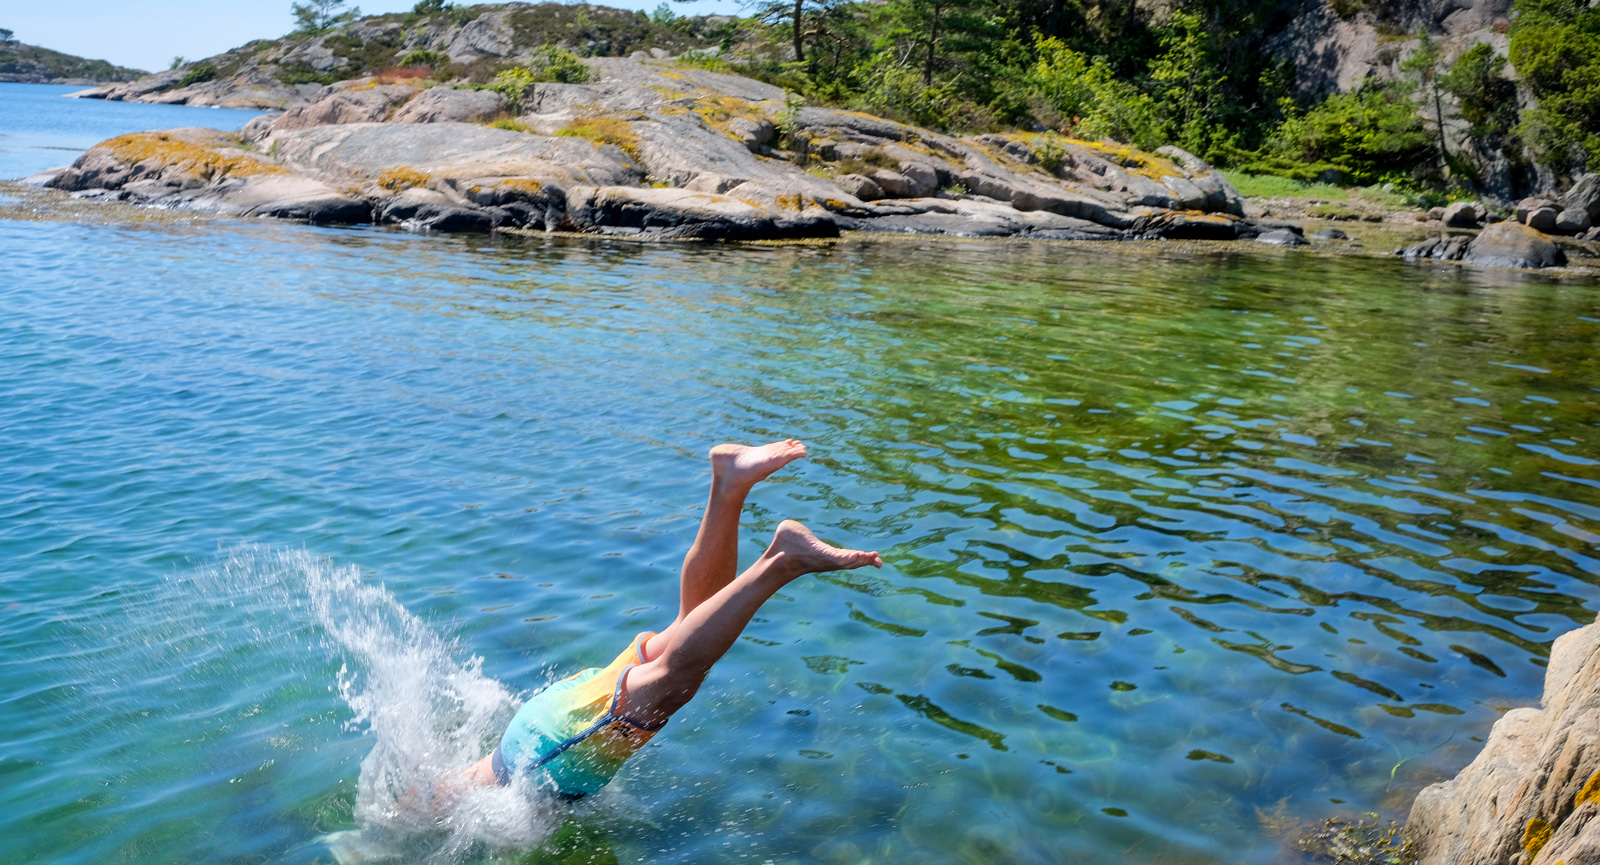 Inbjudande miljöer till bad. Men Atlanten är trots allt ganska kylig i juli, det ska erkännas...